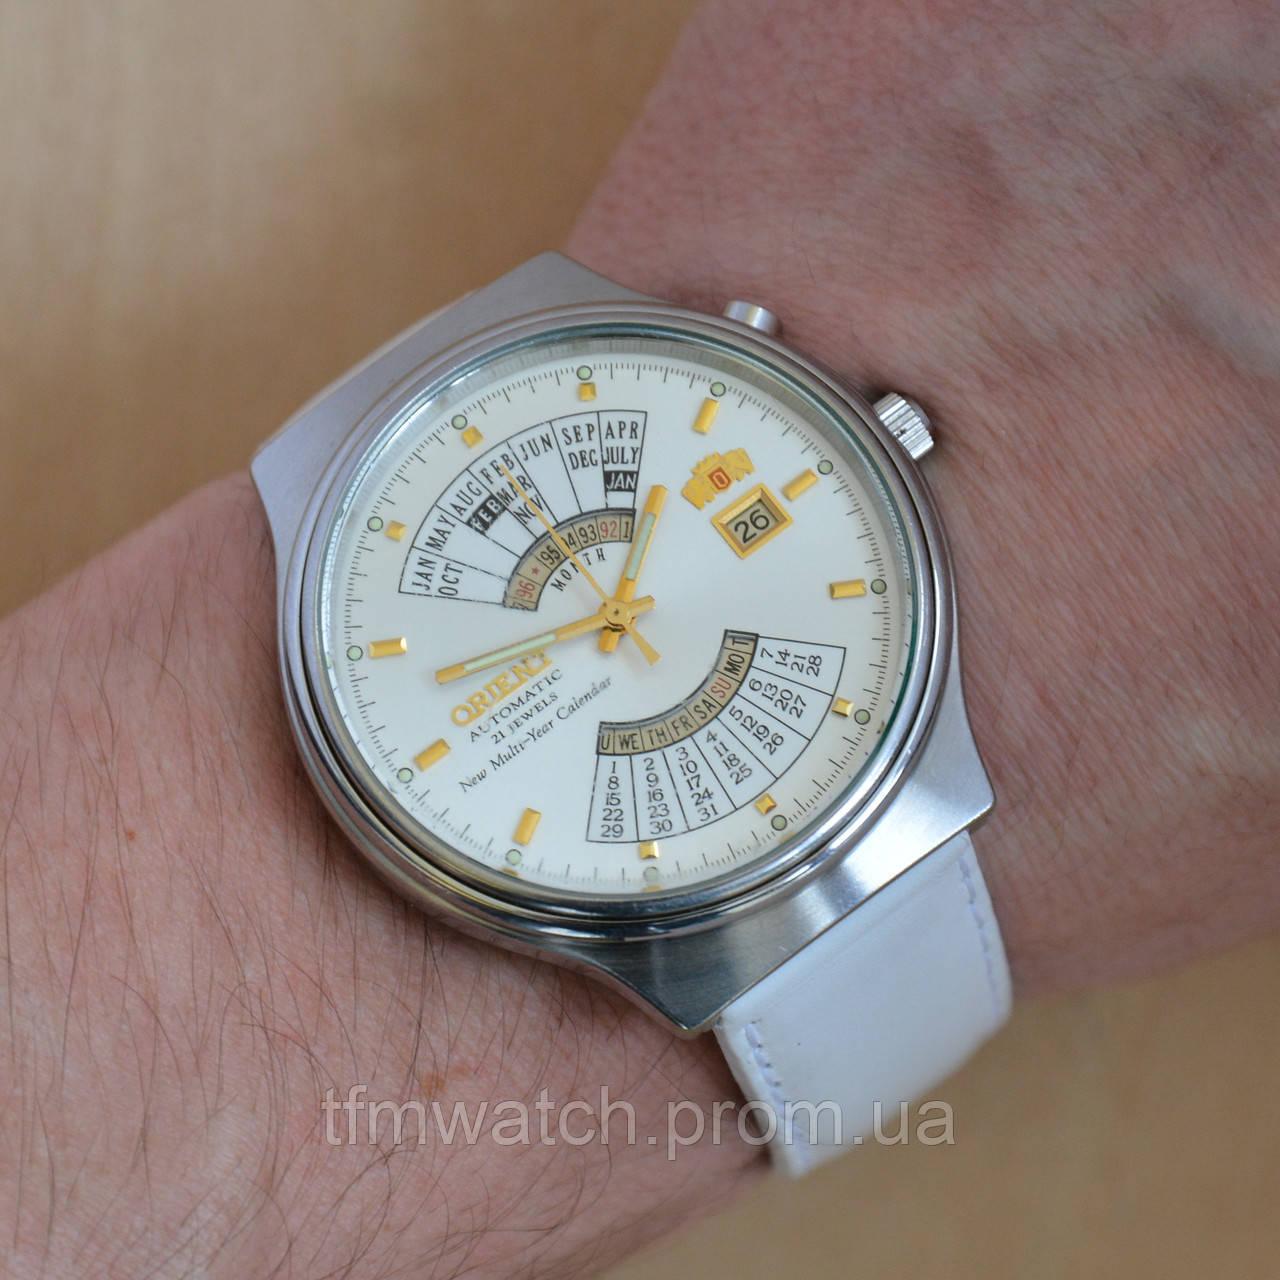 e06f0ed7 Orient multi-year calendar автоподзавод - Магазин старинных, винтажных и  антикварных часов TFMwatch в